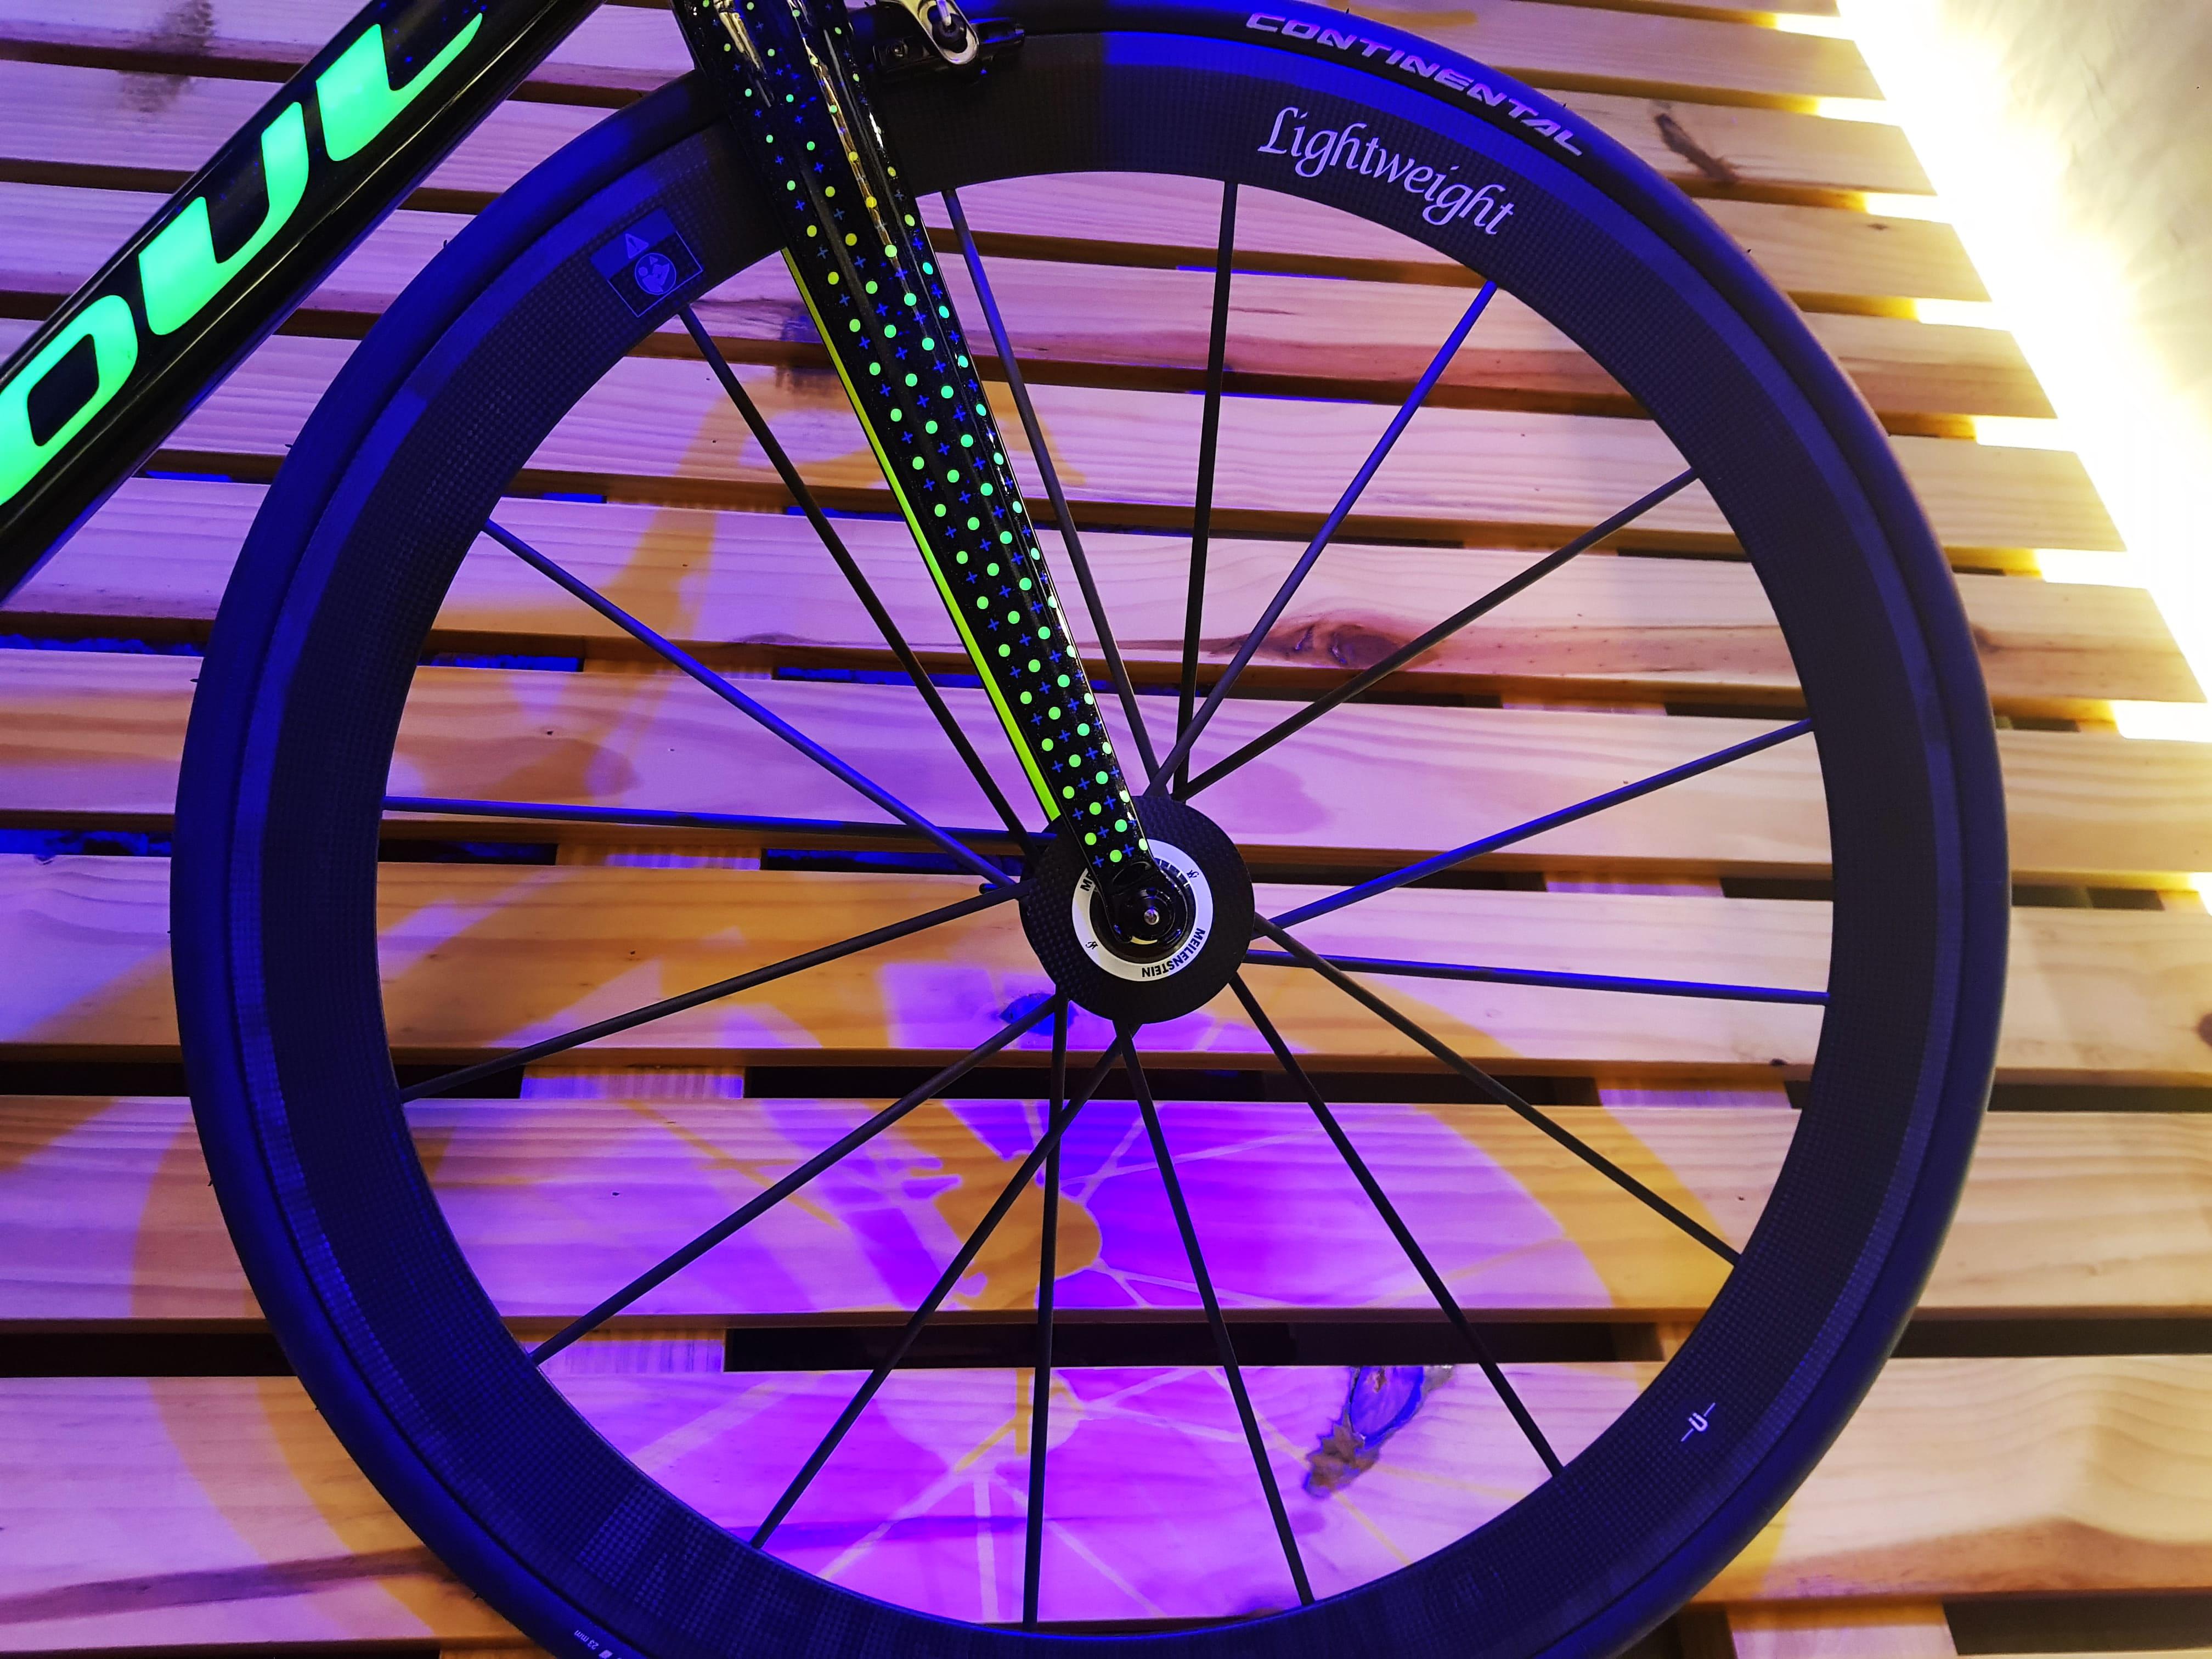 Bicicleta pendurada na parede com destaque para as rodas Lightweight